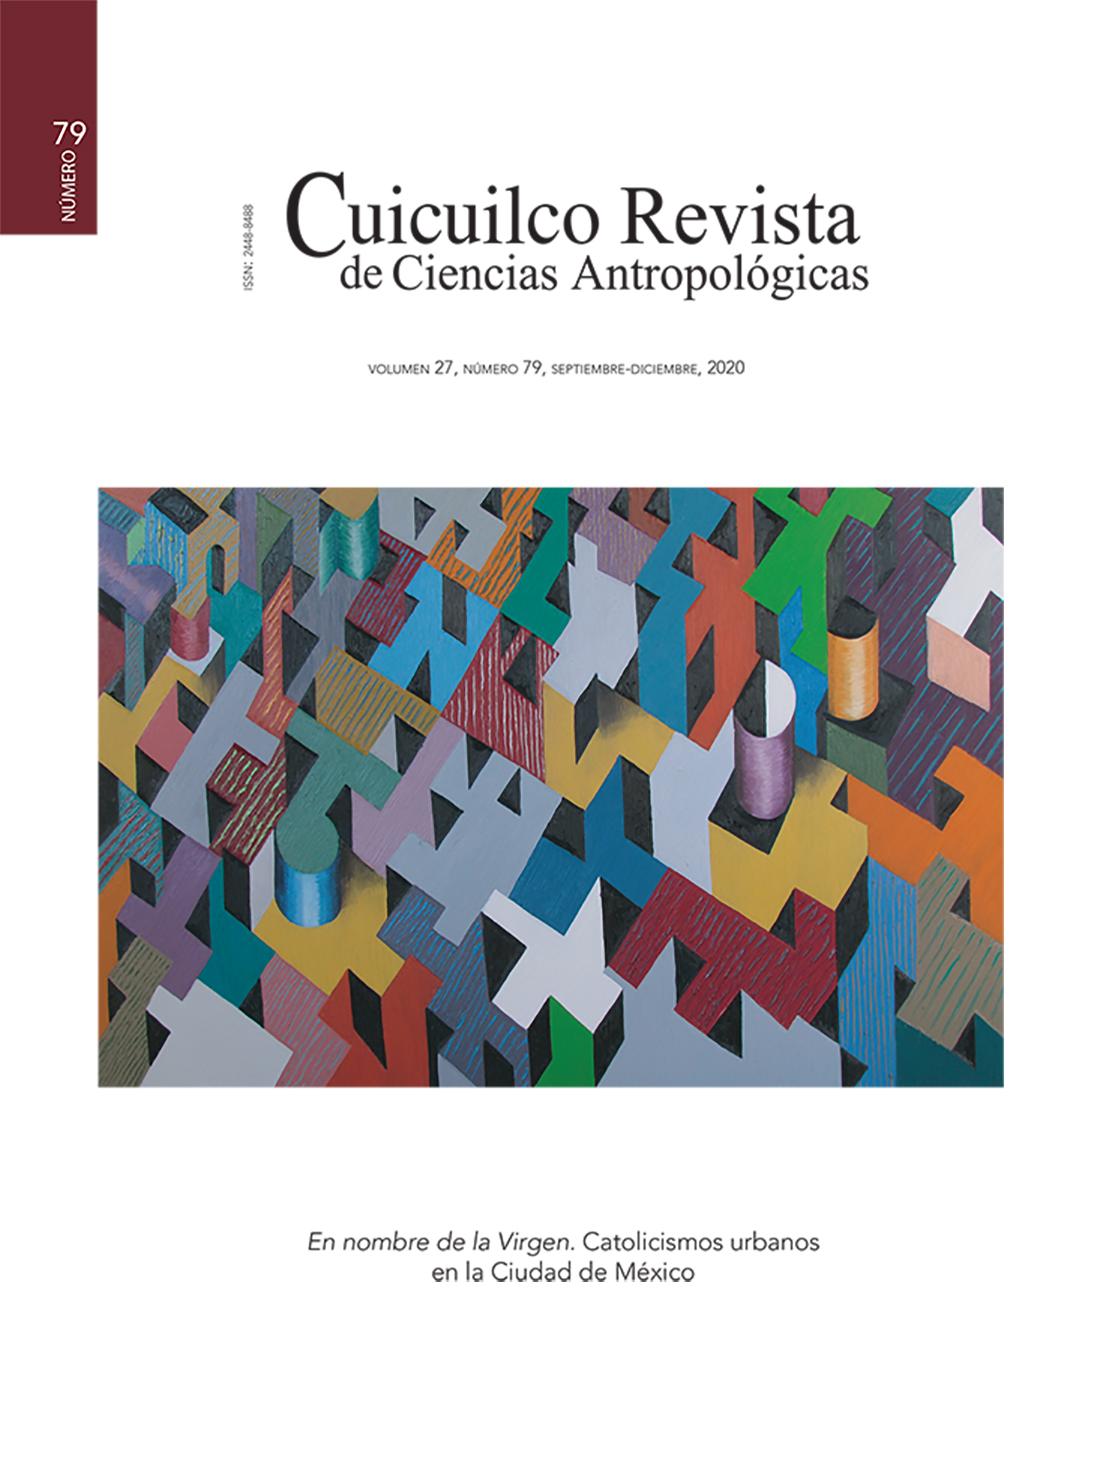 Ver Vol. 27 Núm. 79 (2020): En nombre de la Virgen. Catolicismos urbanos en la Ciudad de México